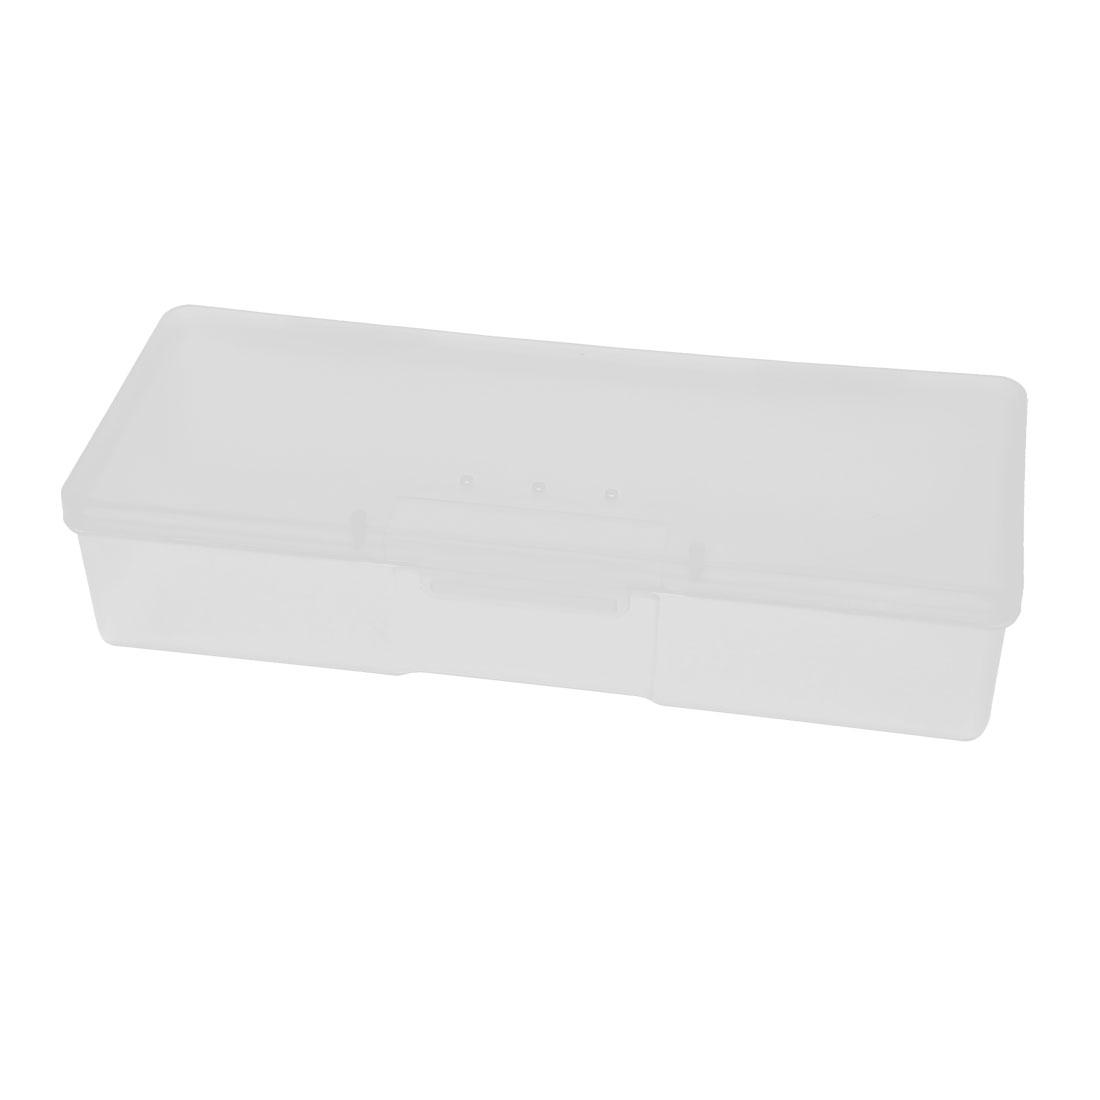 White Plastic Single Slot Comestics Aseptic Cotton Storage Case Box Container